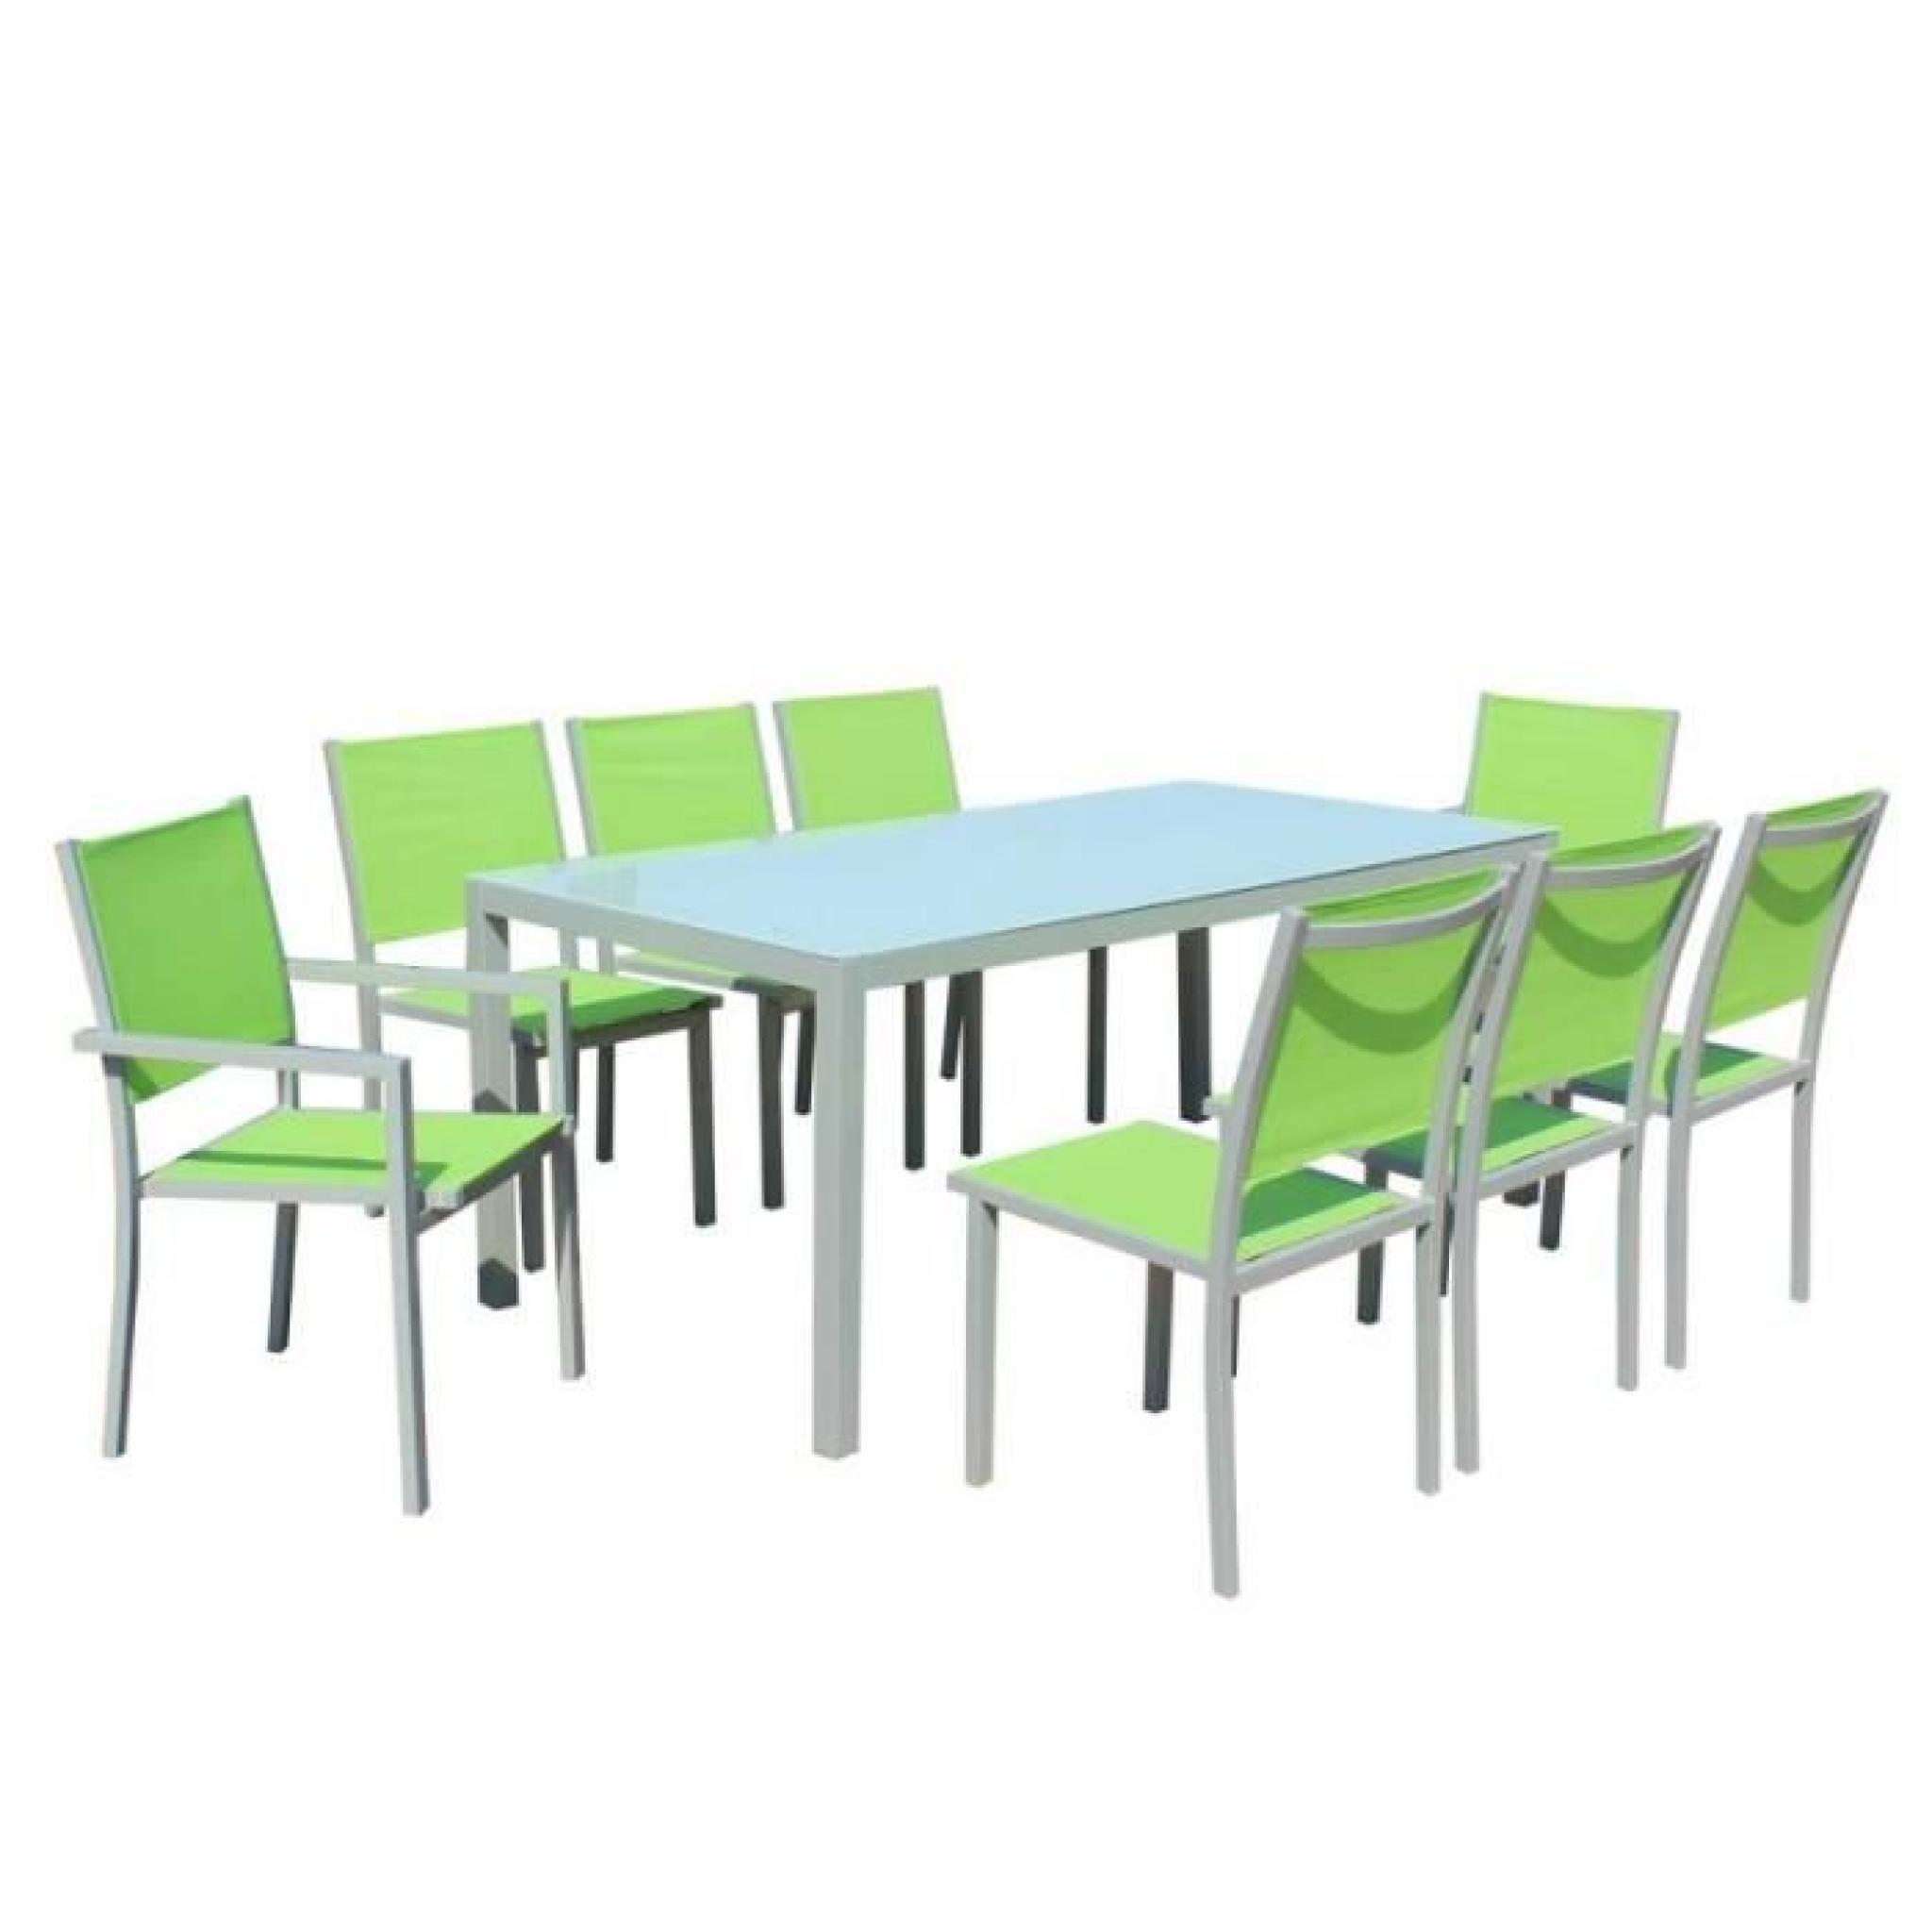 Table et chaises de jardin - 8 fauteuils pliants - Aluminium et verre